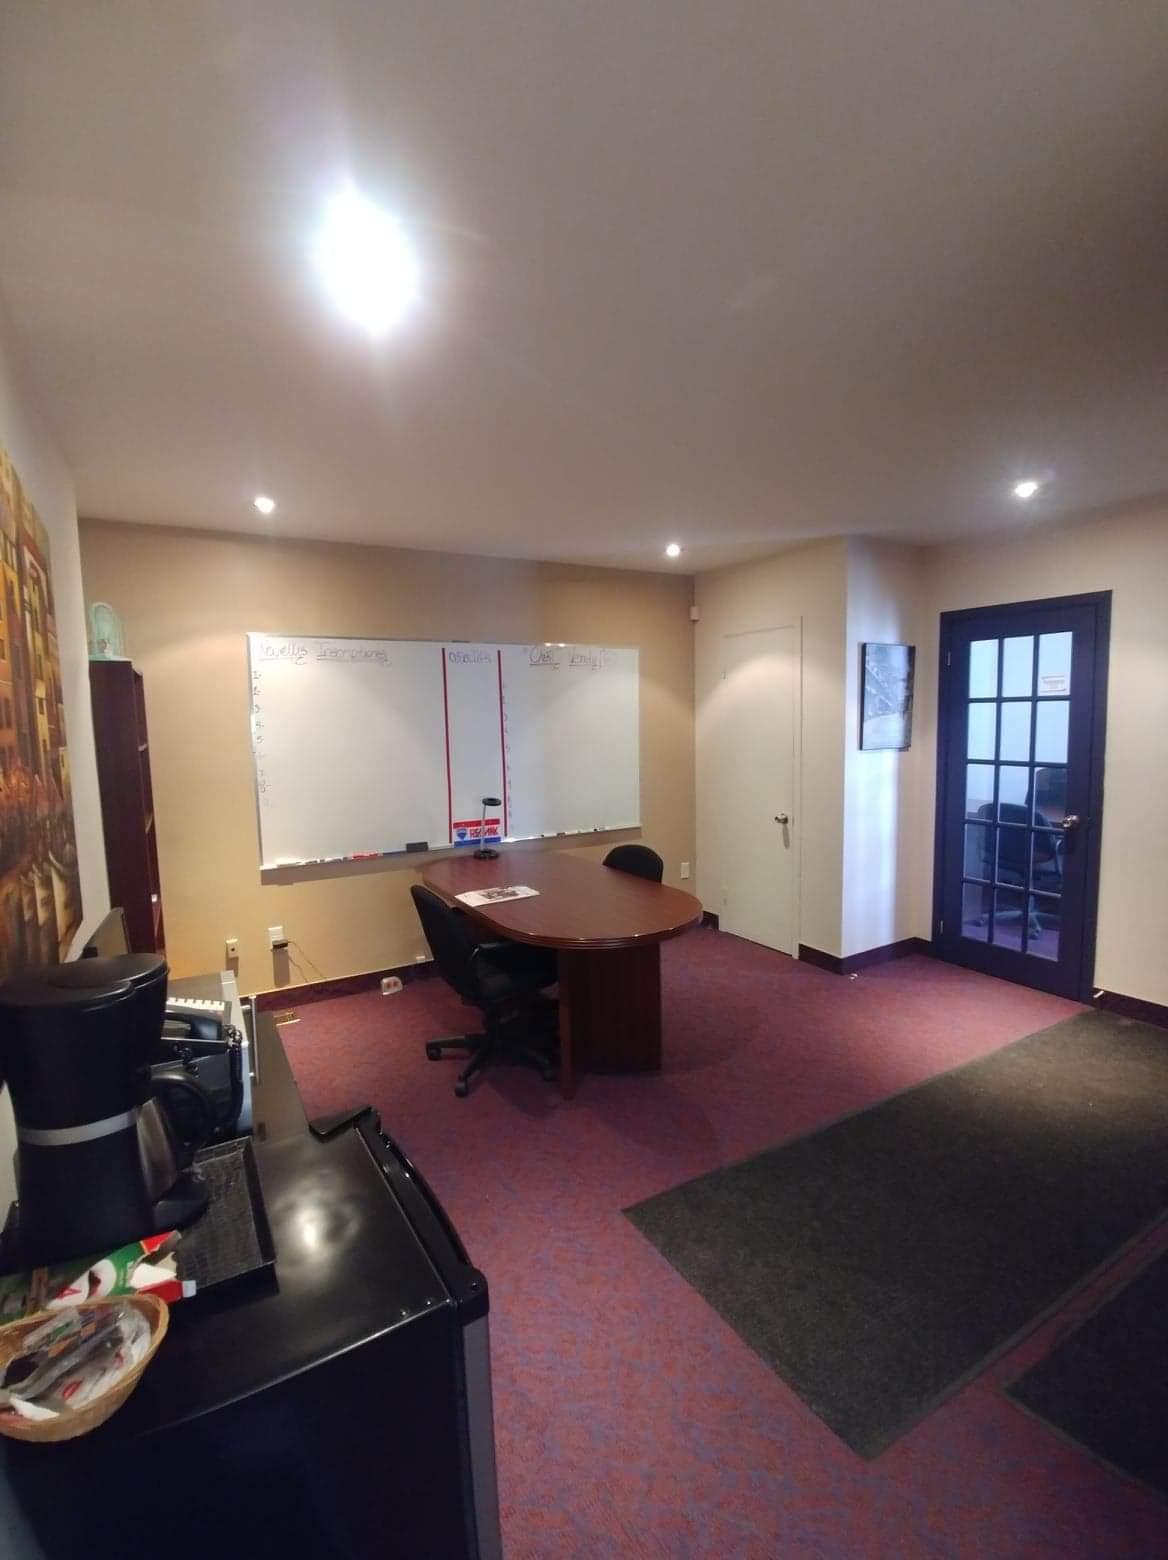 Photo 5 : Espace de bureau pour professionnel, Tout inclus, Emplacement de choix